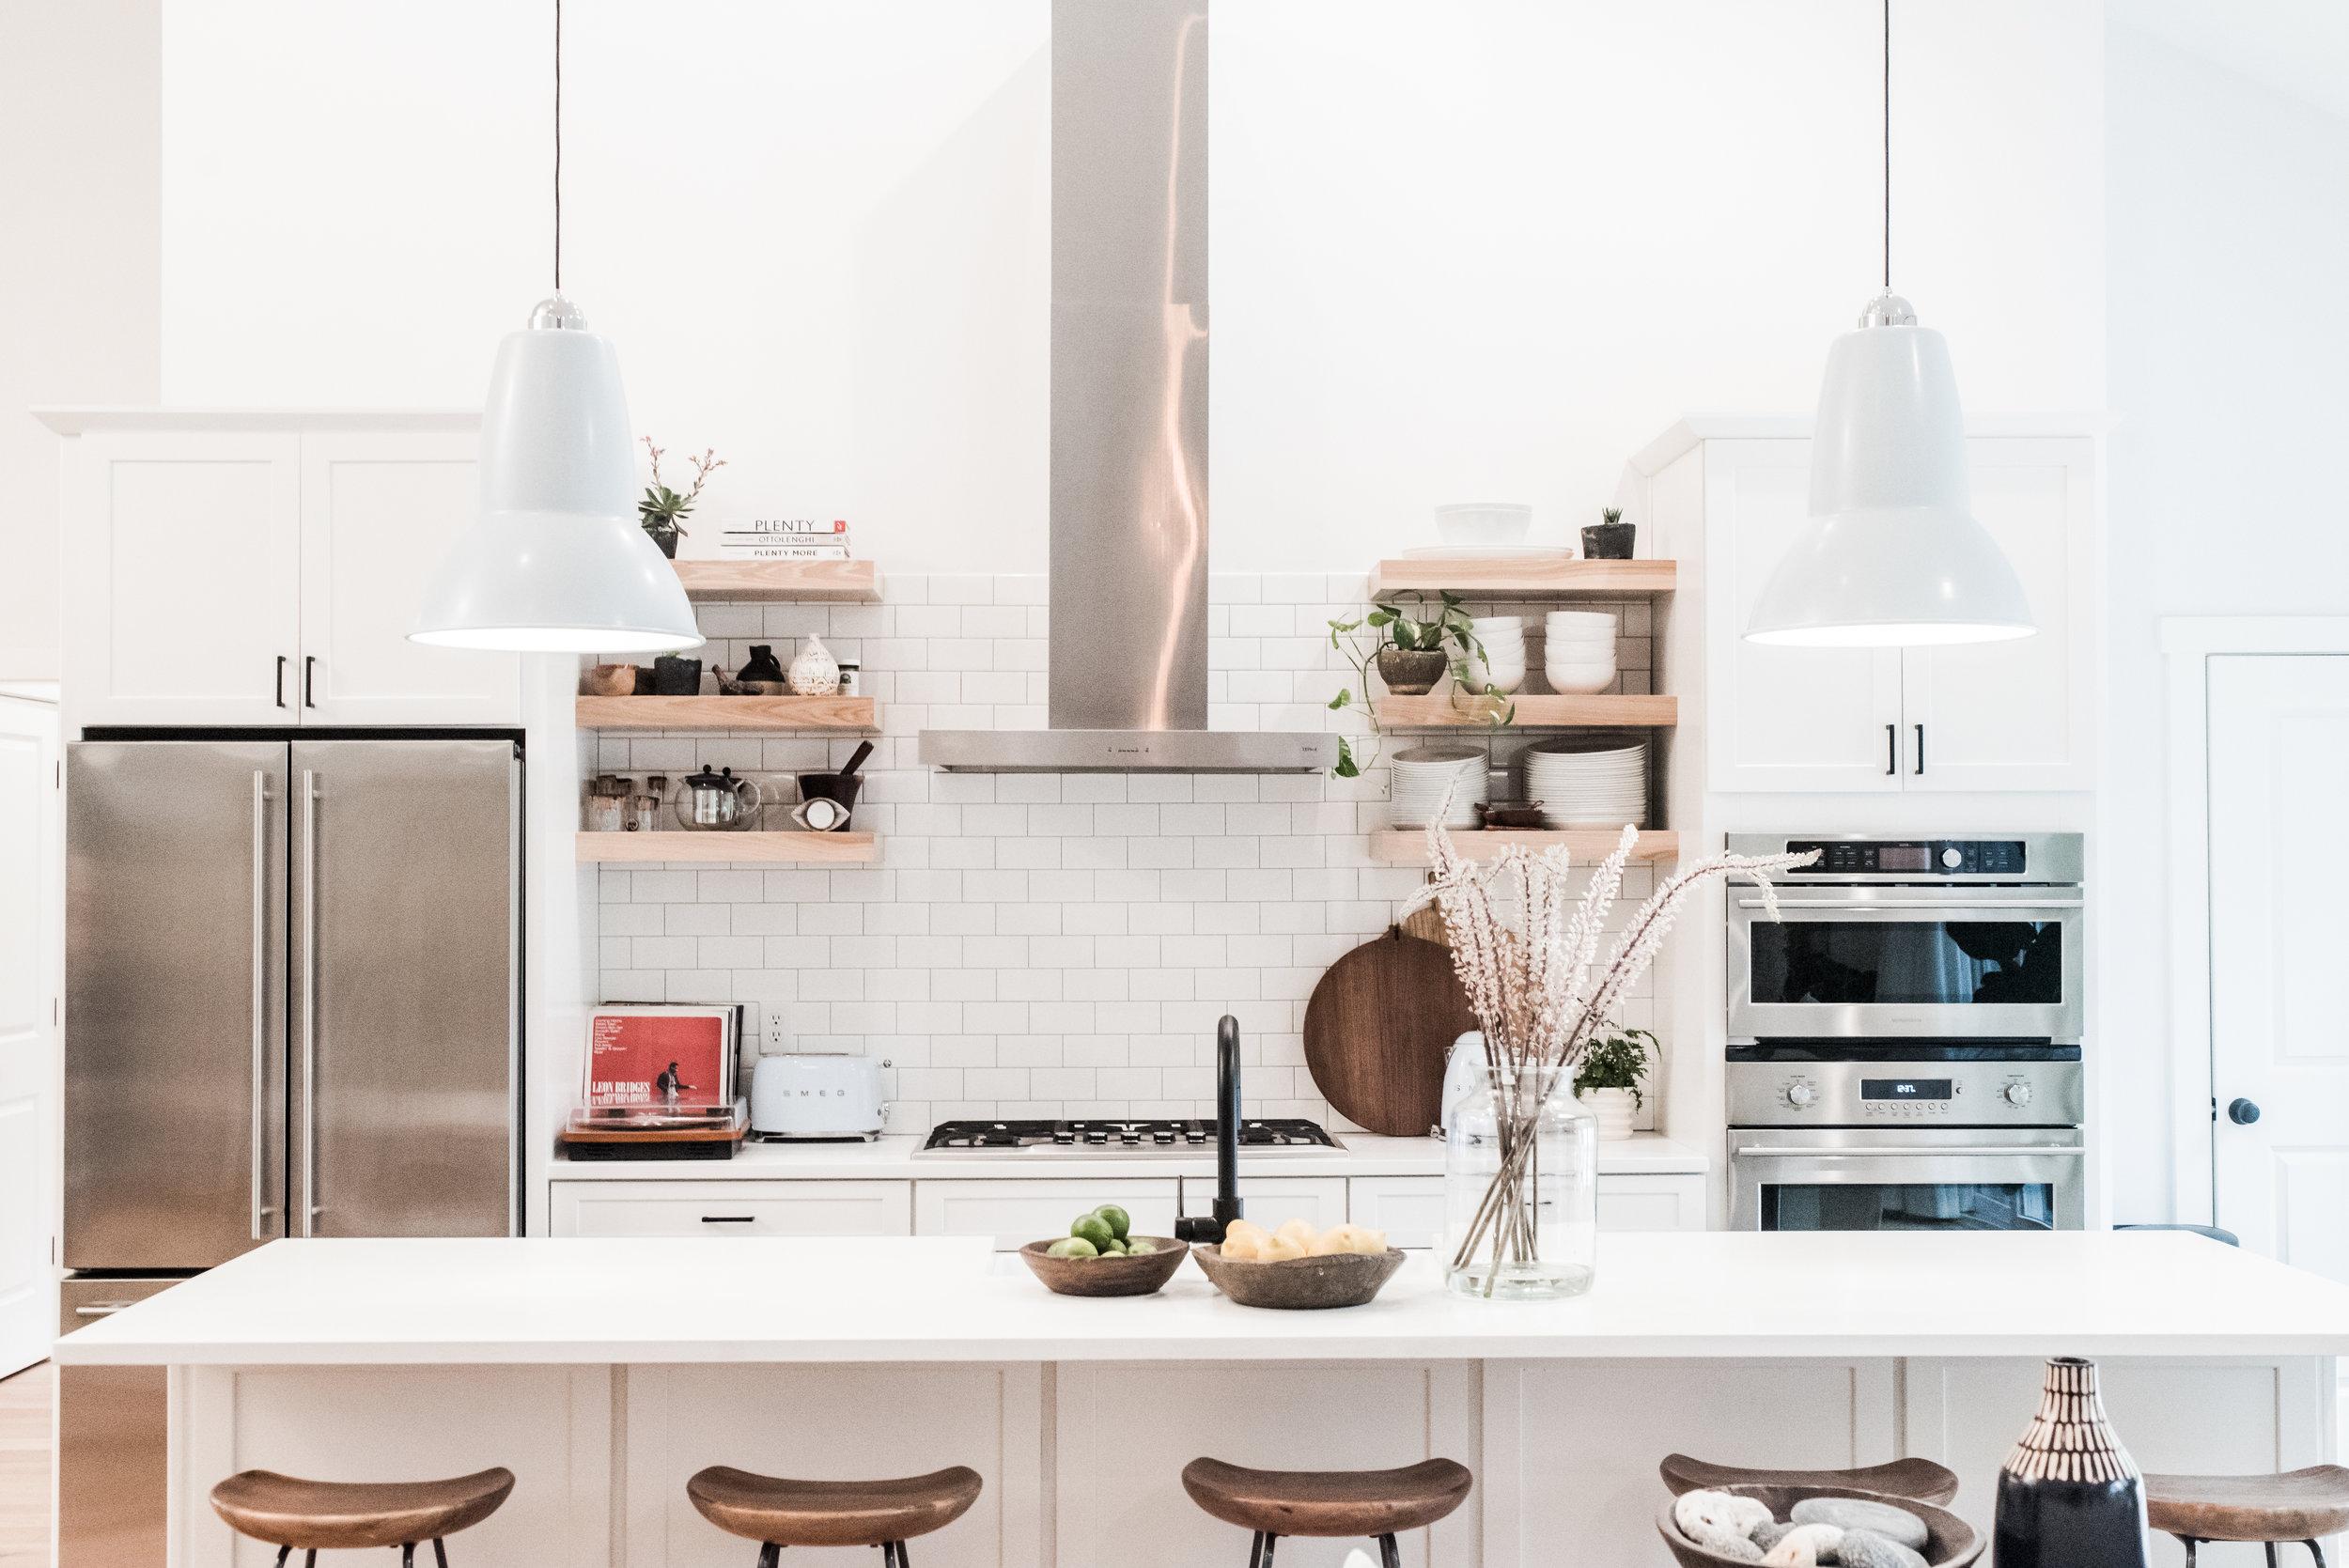 KitchenTightWide-1.jpg